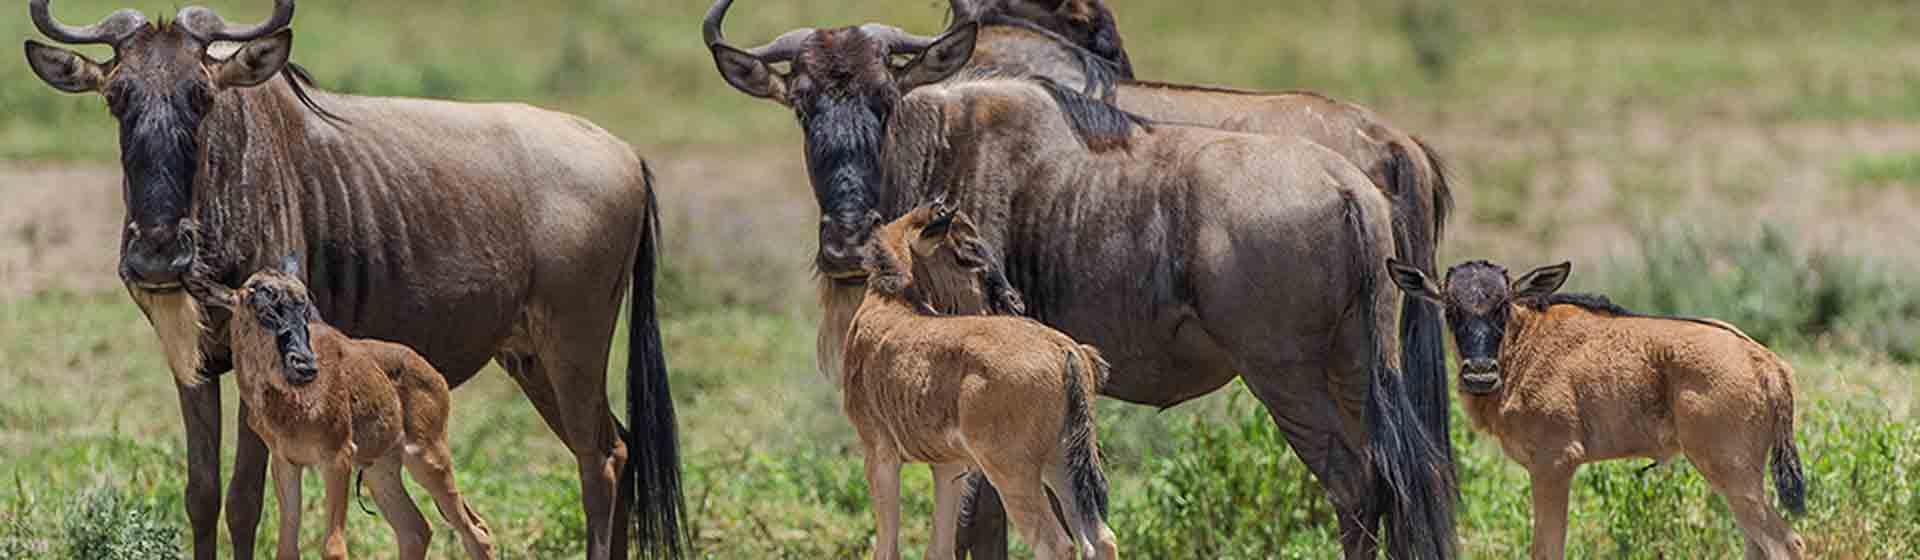 Wildebeest calving safari experience,